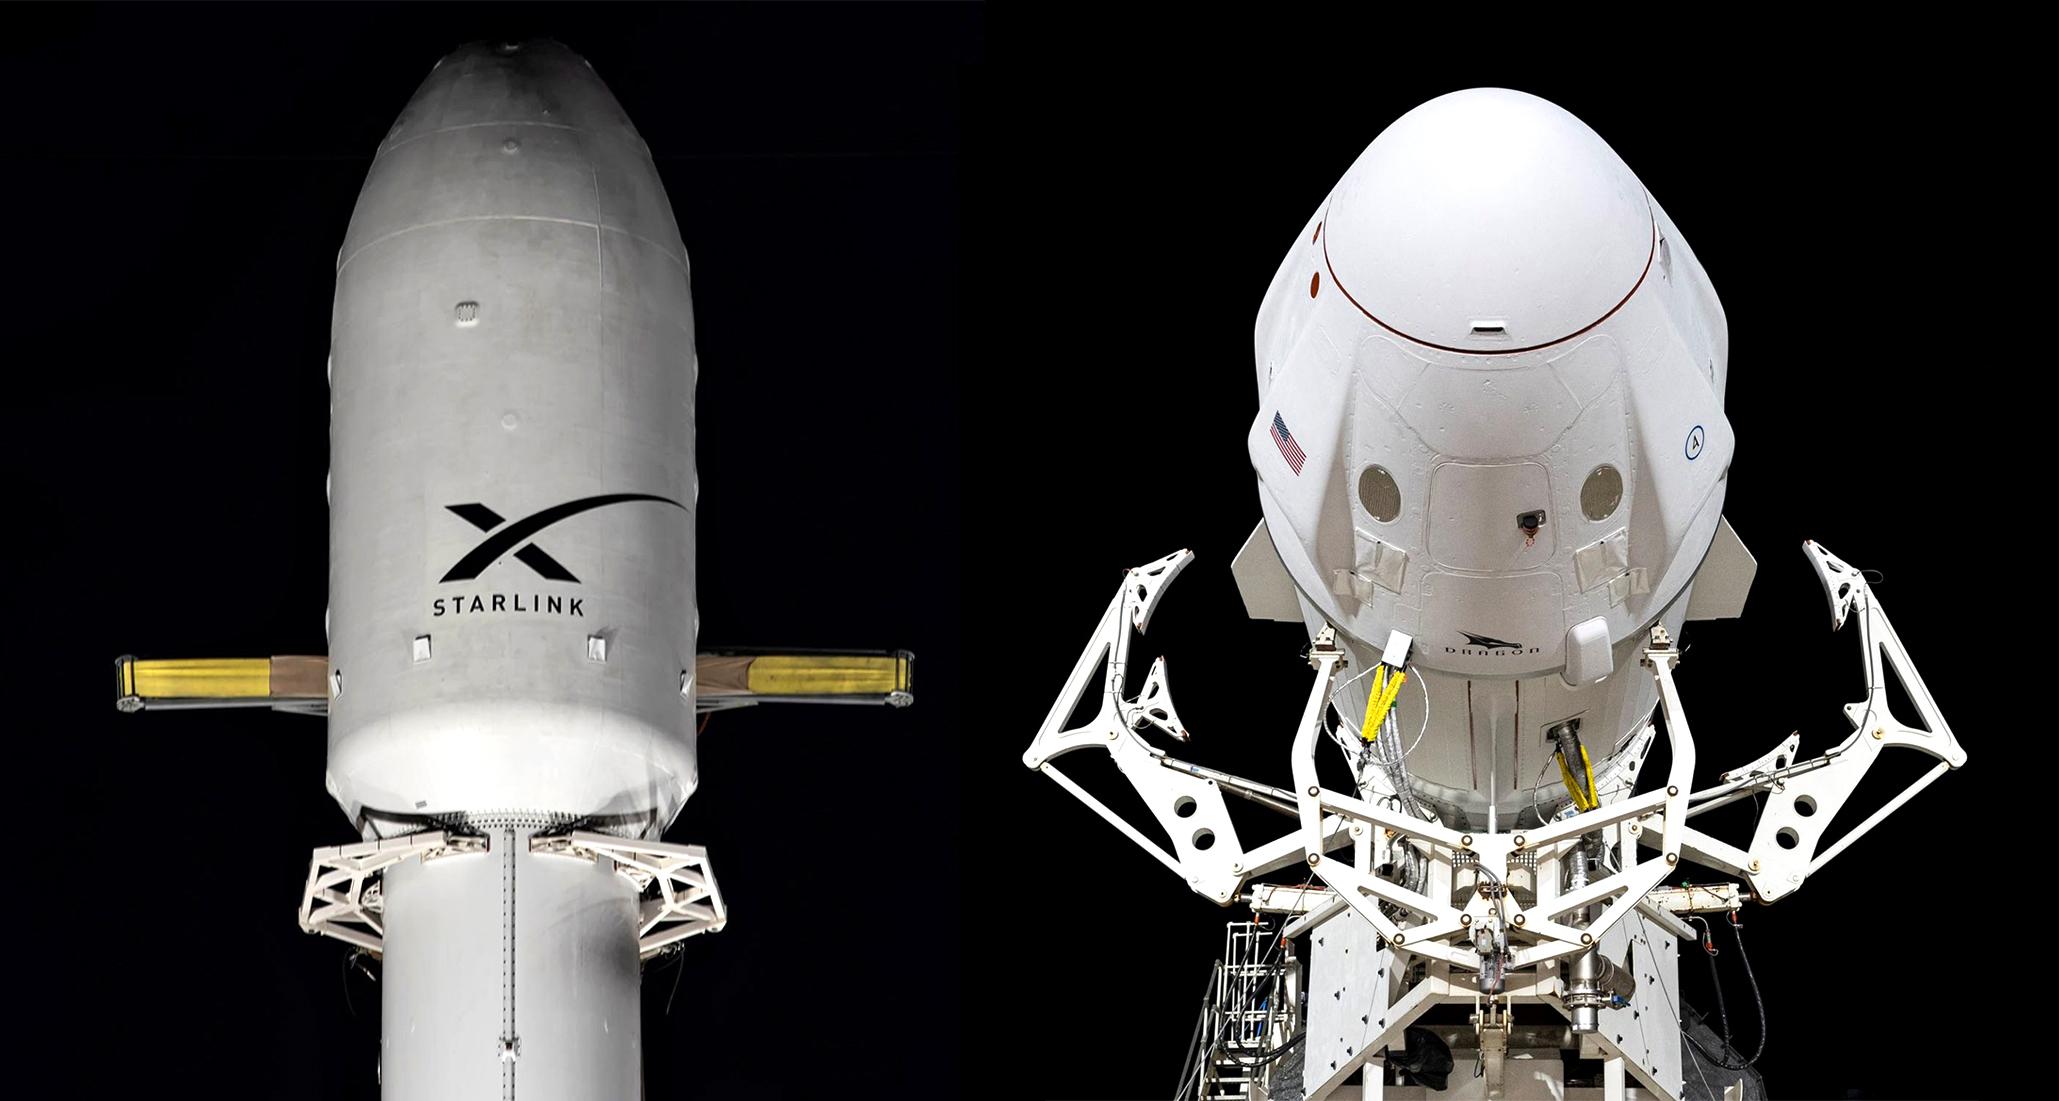 İlk sivil yolculu uzay uçuşu